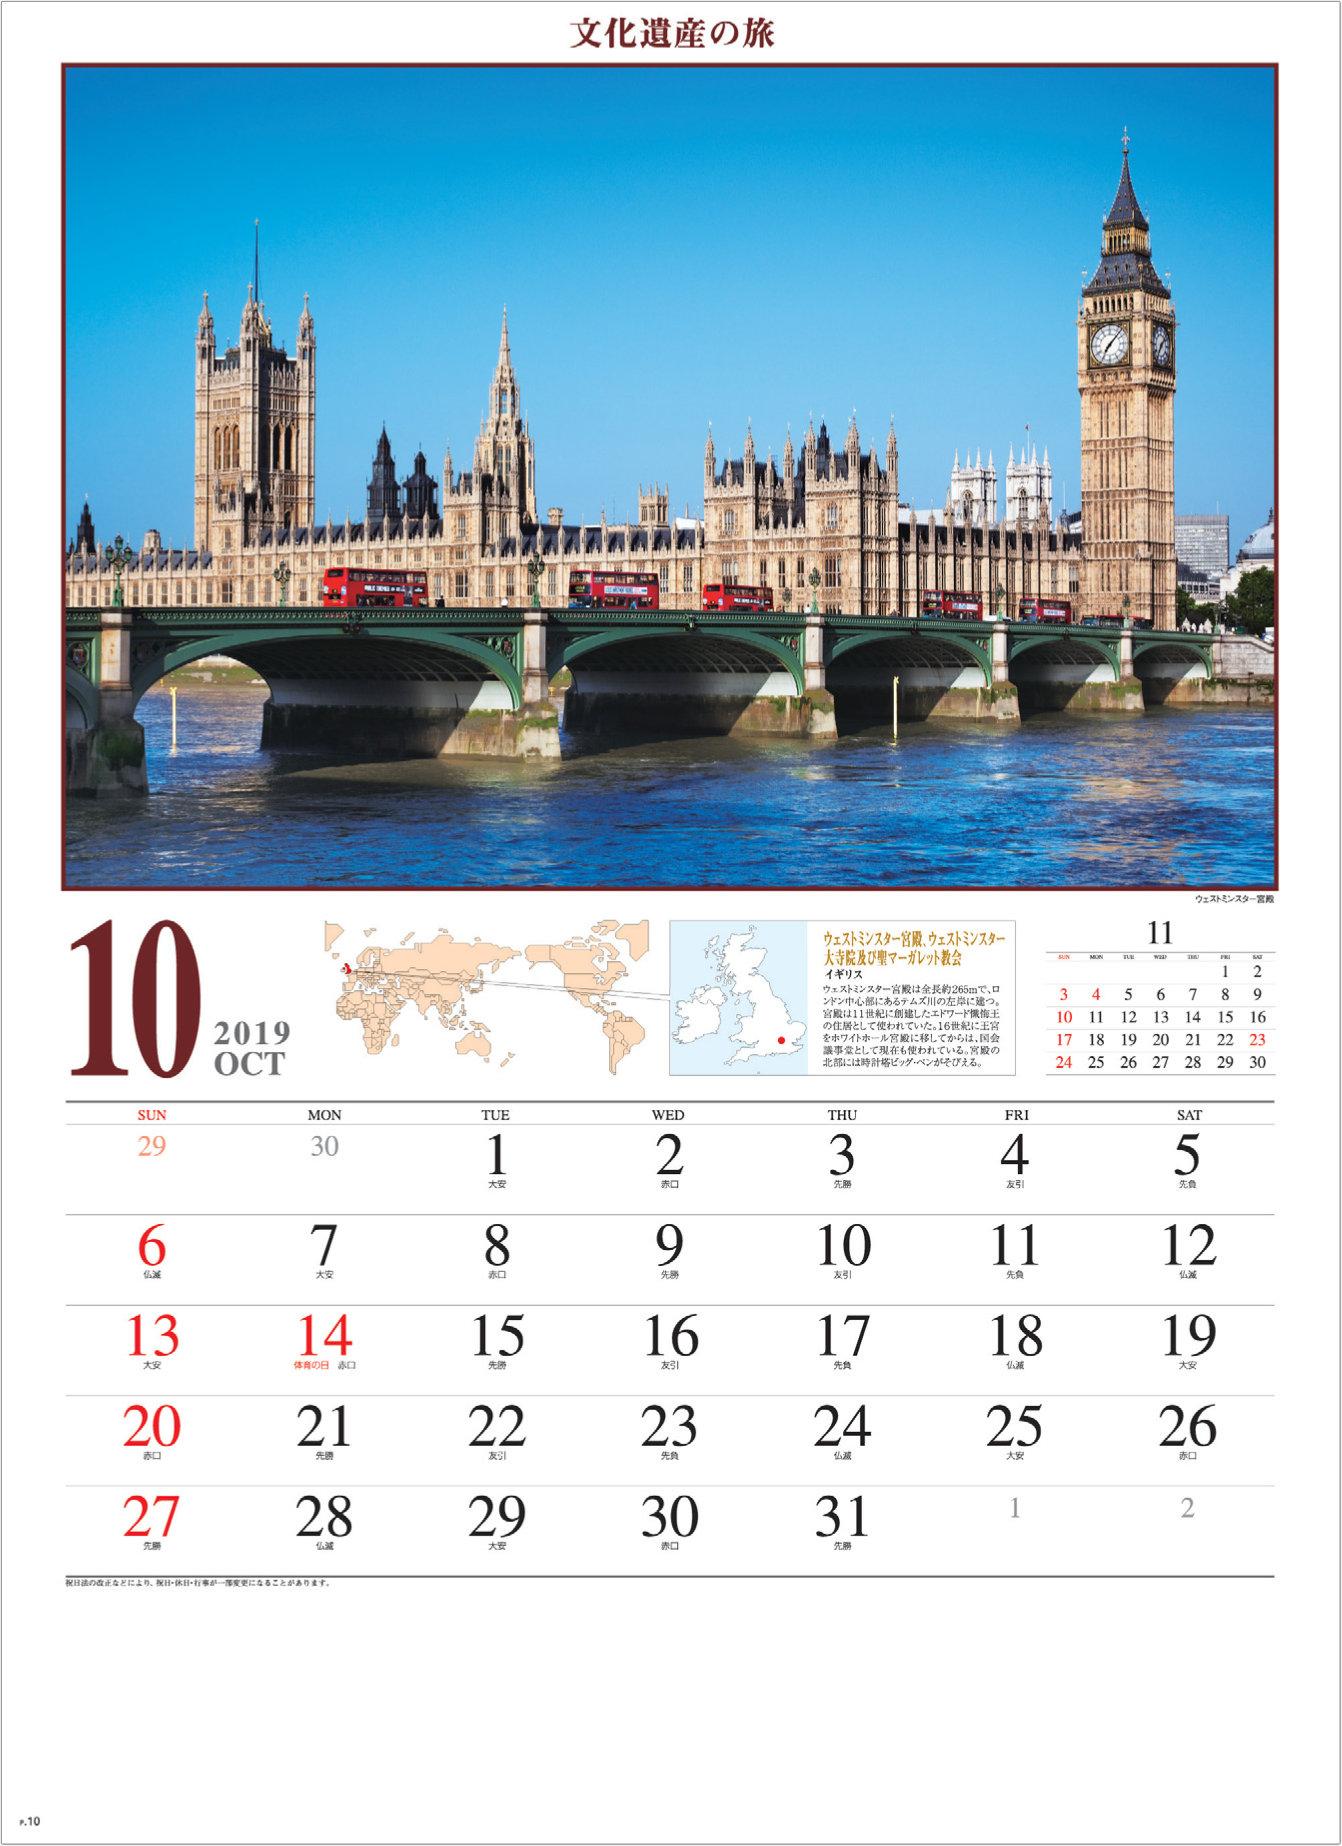 画像:イギリス ウェストミンスター宮殿 文化遺産の旅(ユネスコ世界遺産) 2019年カレンダー